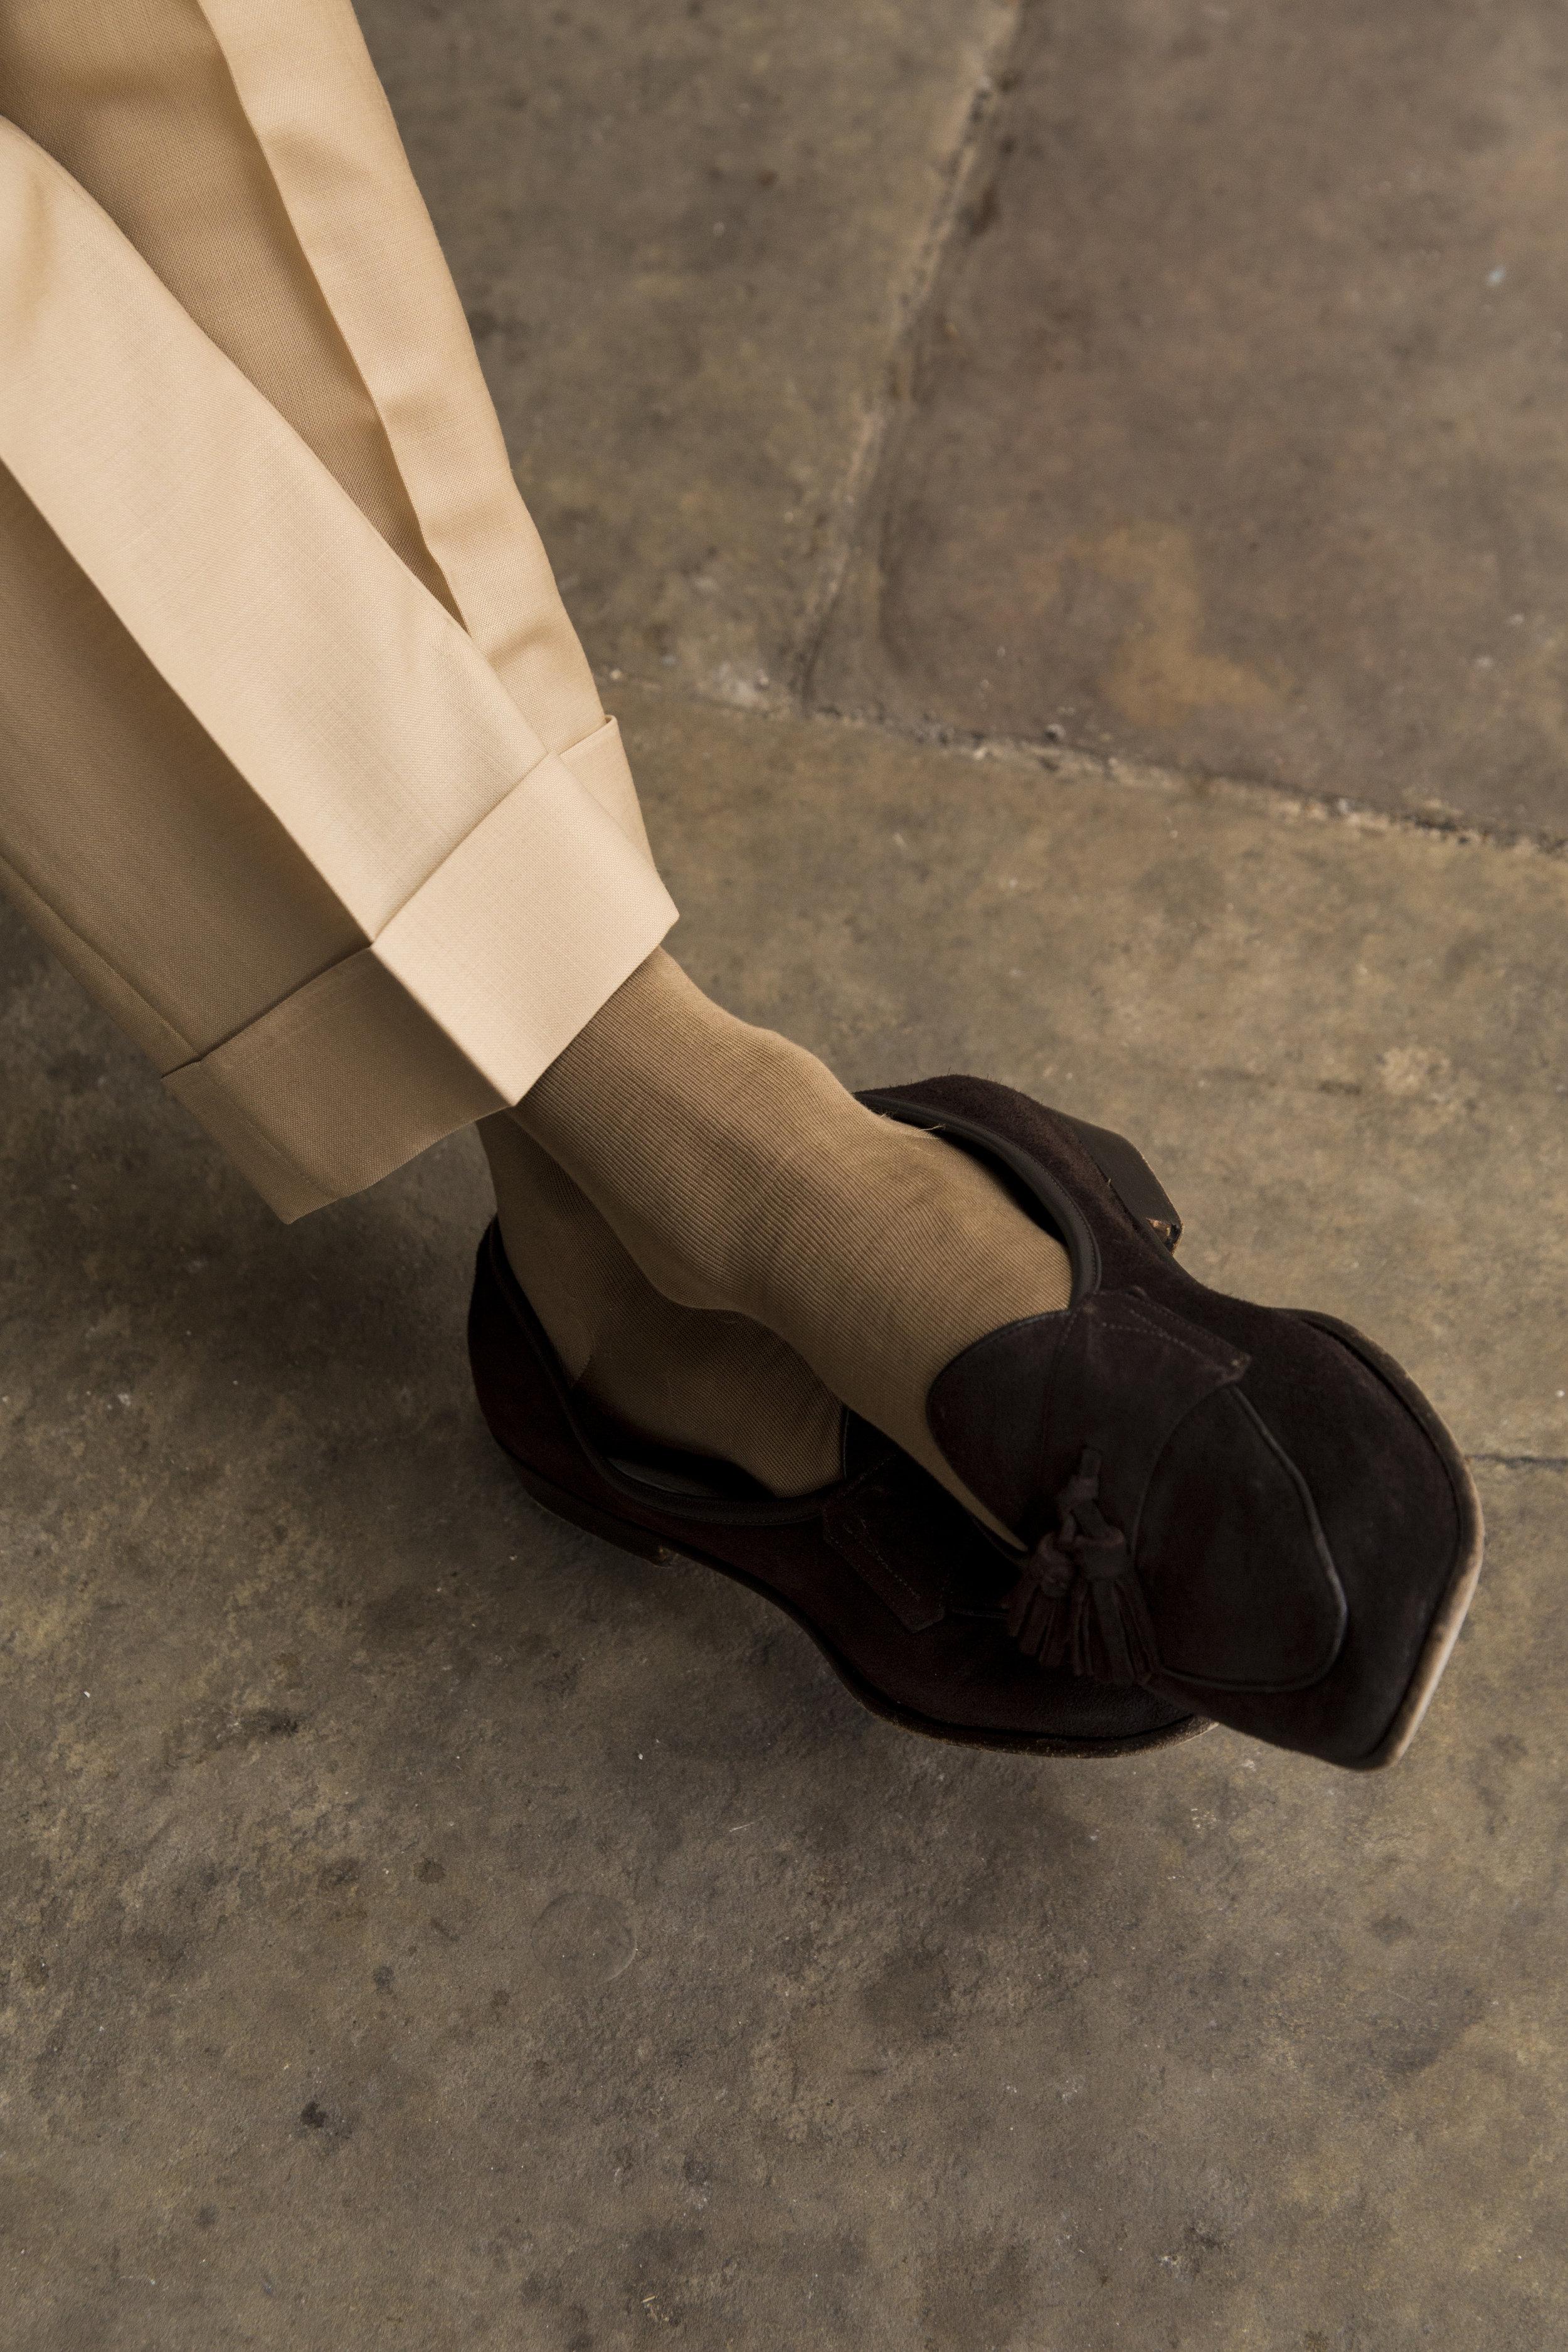 Grosvenor Trouser - 60% Merino Wool 40% Mohair